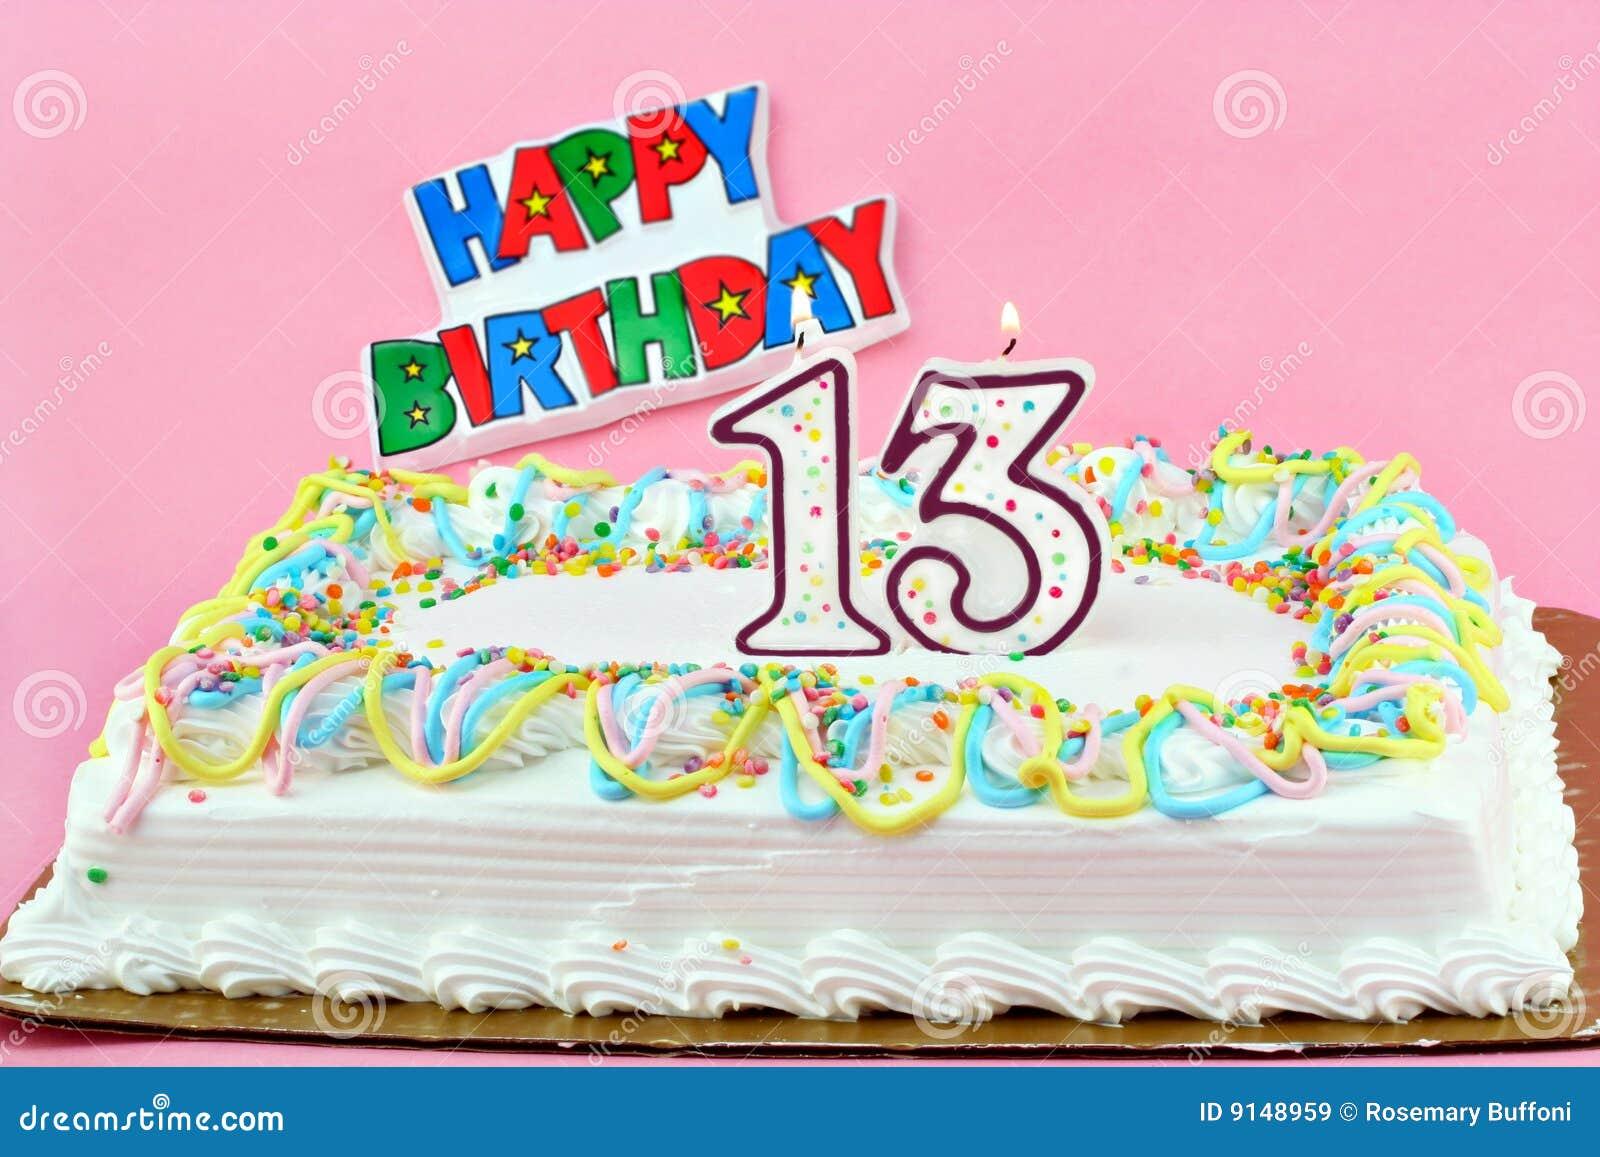 Alles Gute Zum 13 Geburtstag Sprche Wunsche Zum Geburtstag